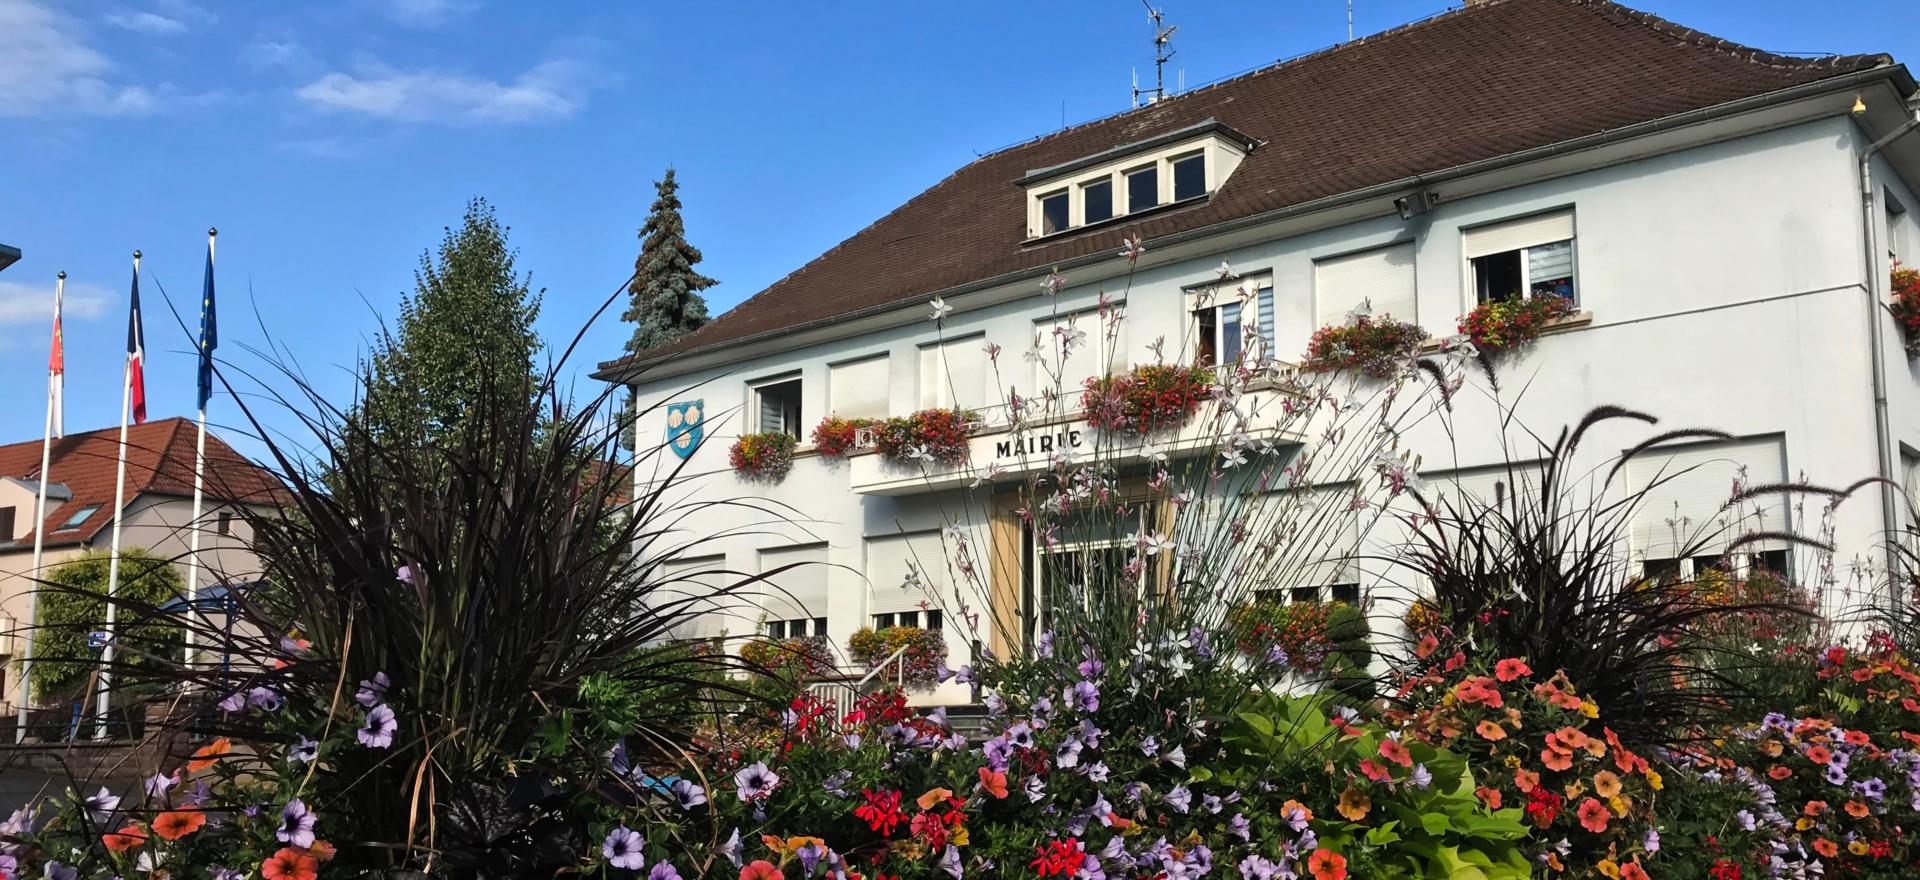 Mairie d'Oberhausbergen